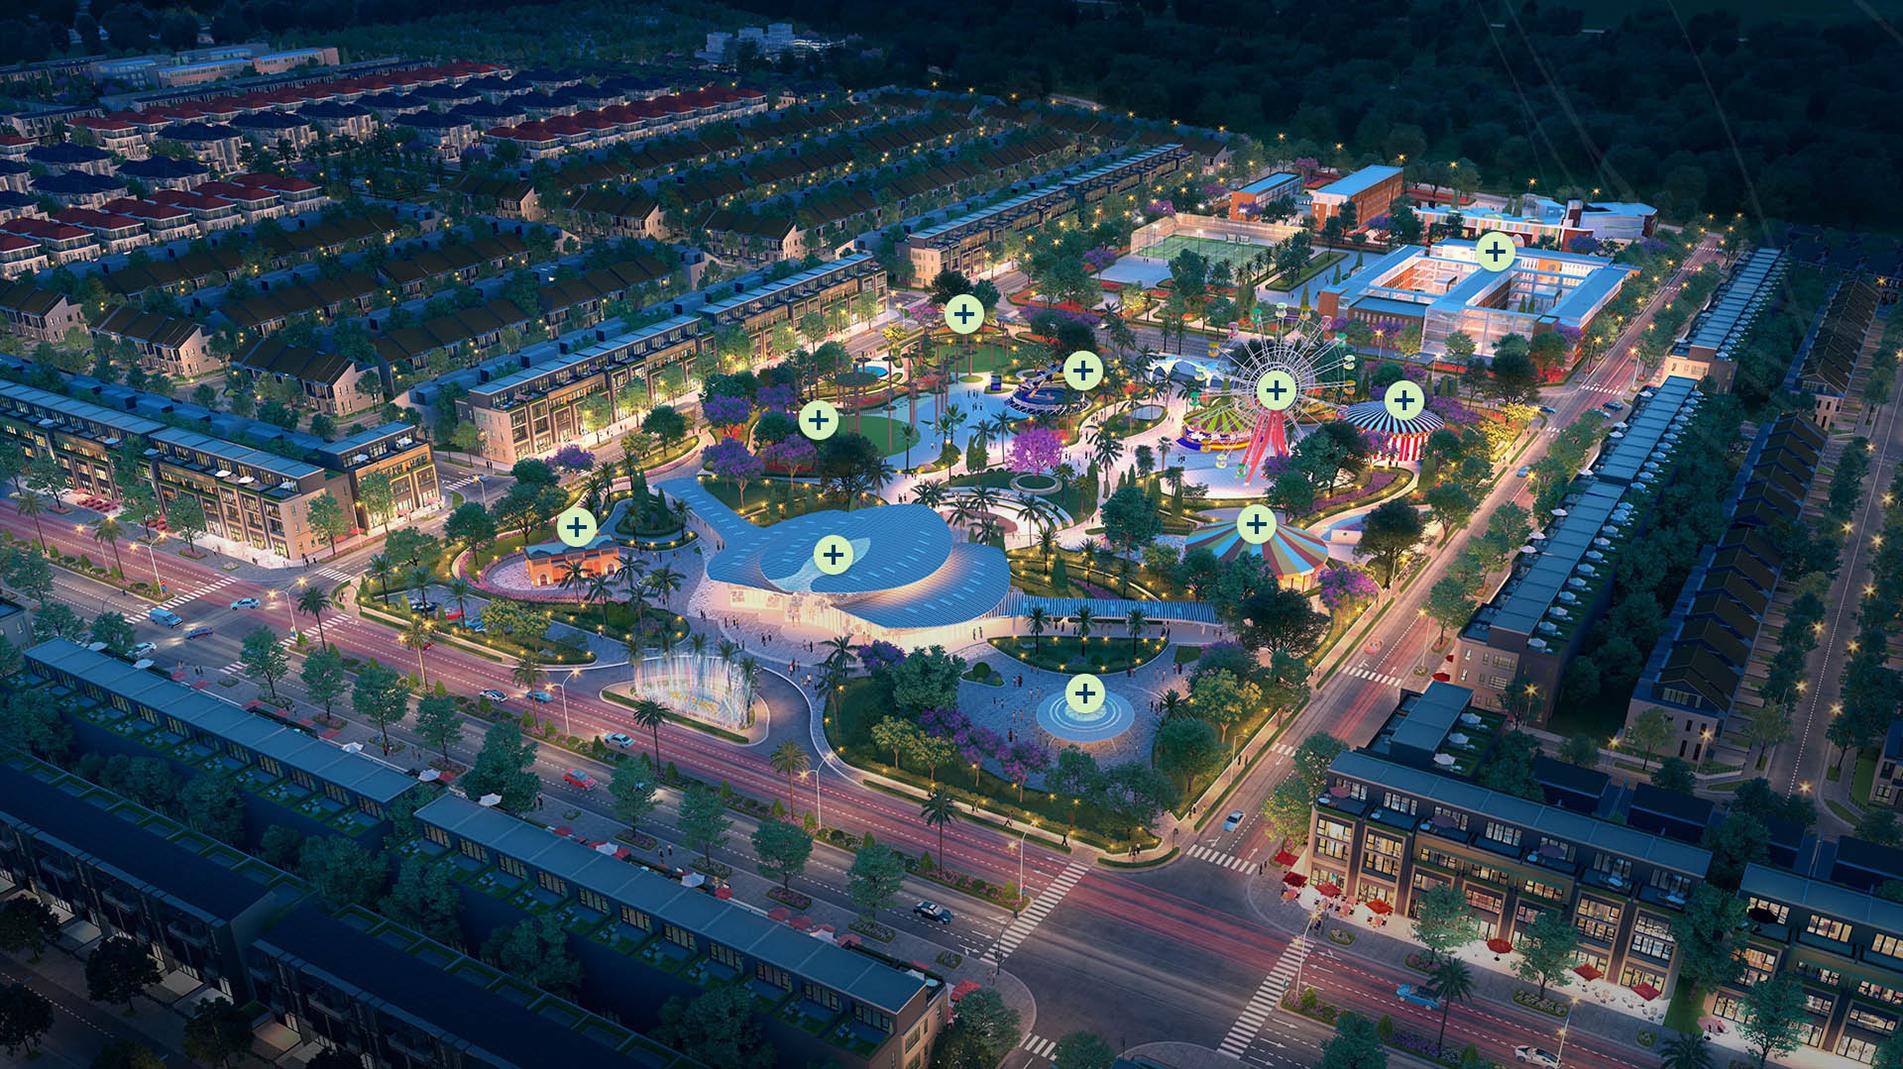 công viên trung tâm dự án gem sky world